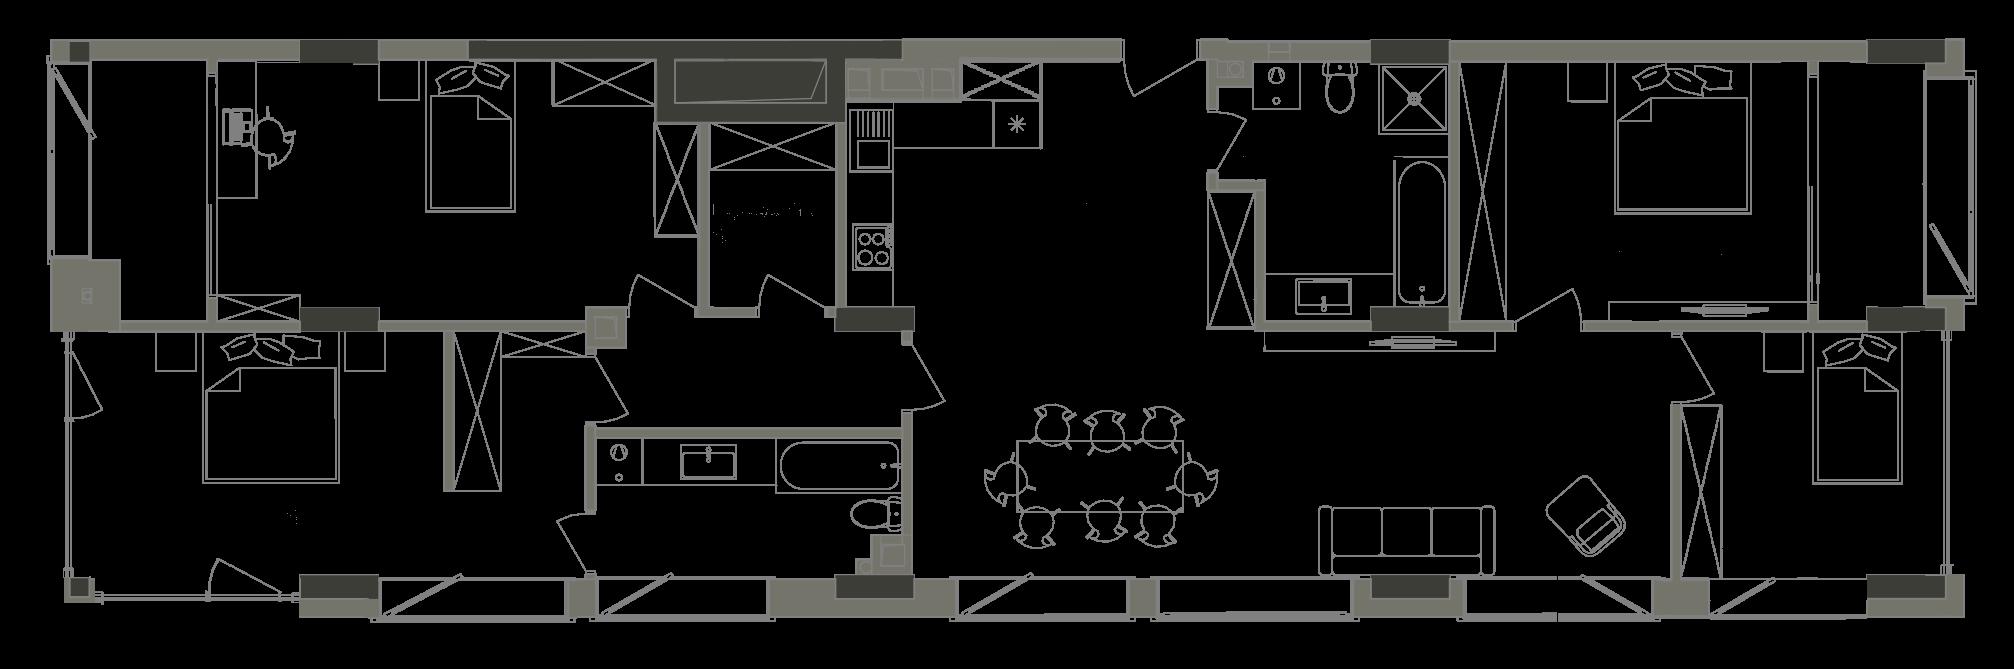 Квартира KV_71_4K_1_1_3